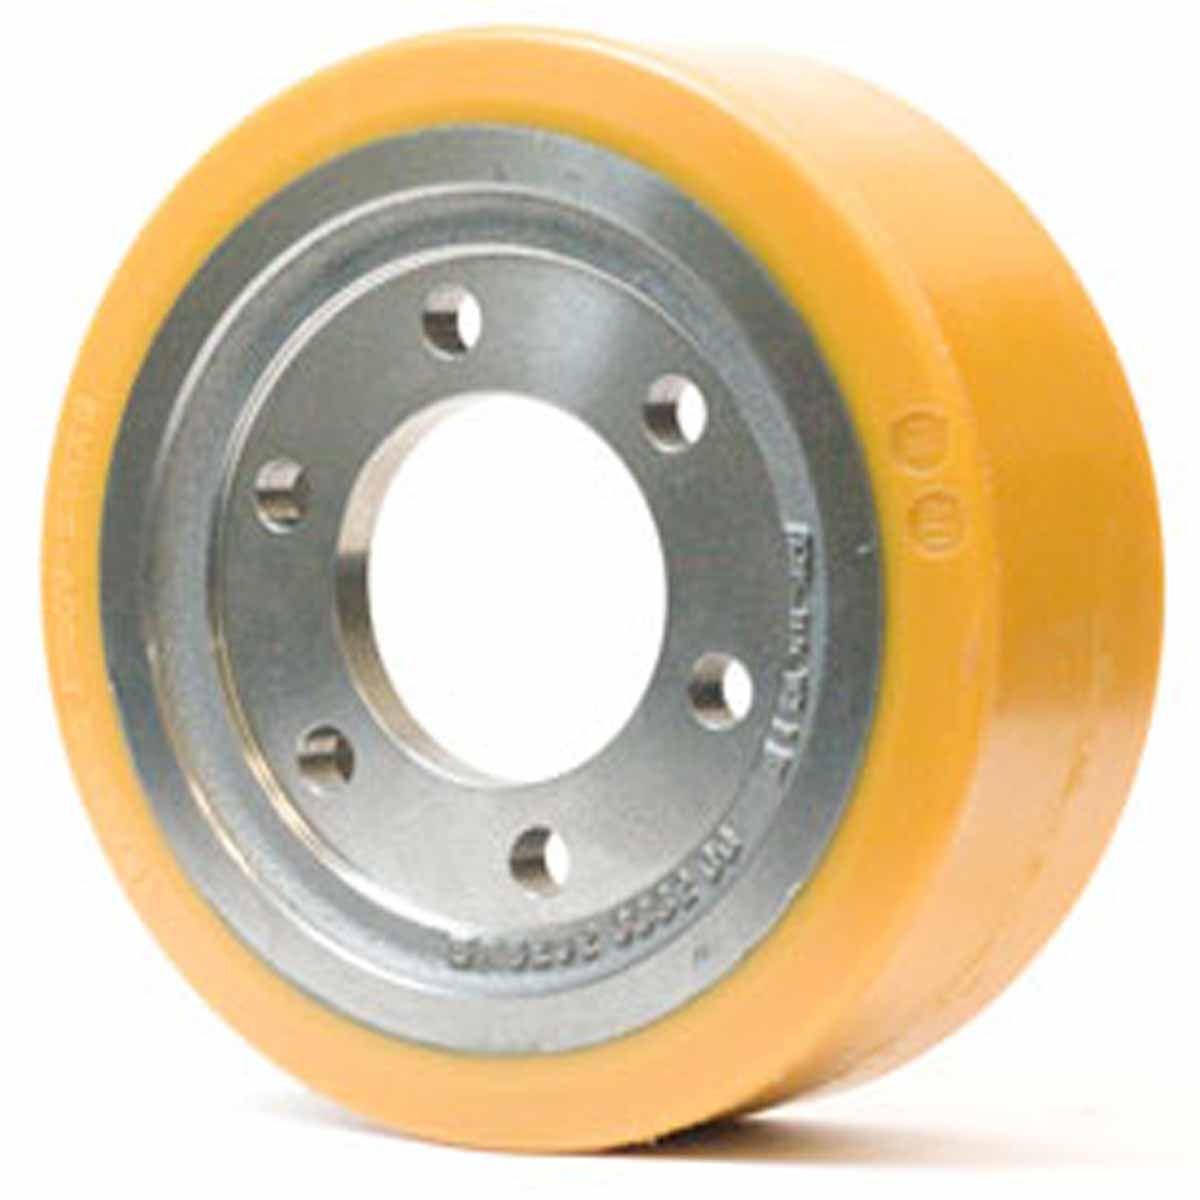 Wheels for OMG Forklift Trucks